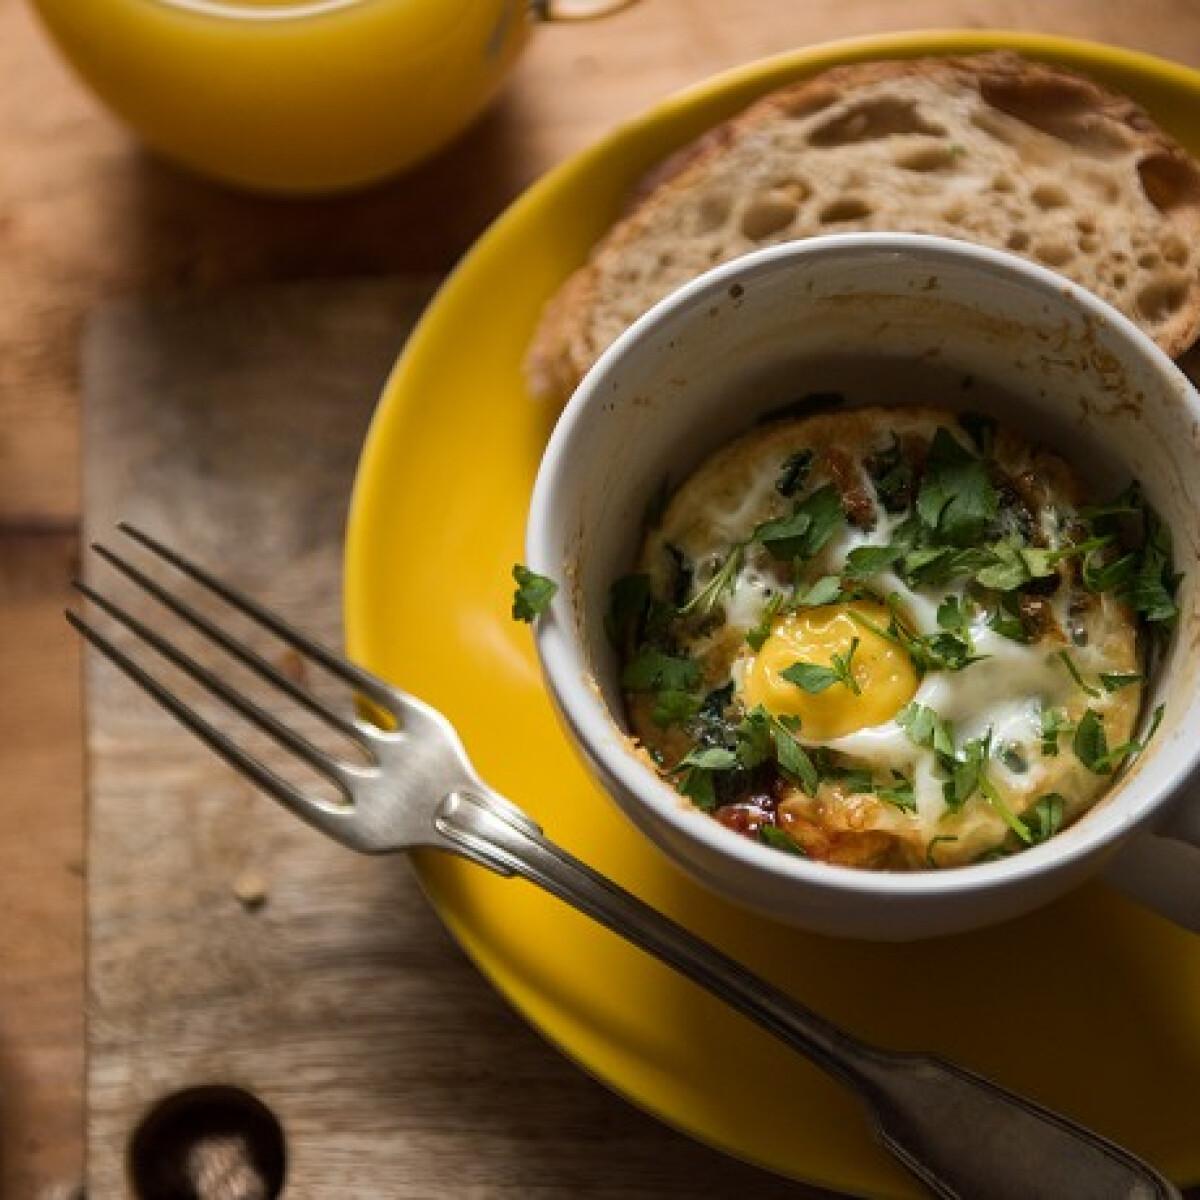 Ezen a képen: Bögrében sült tojás